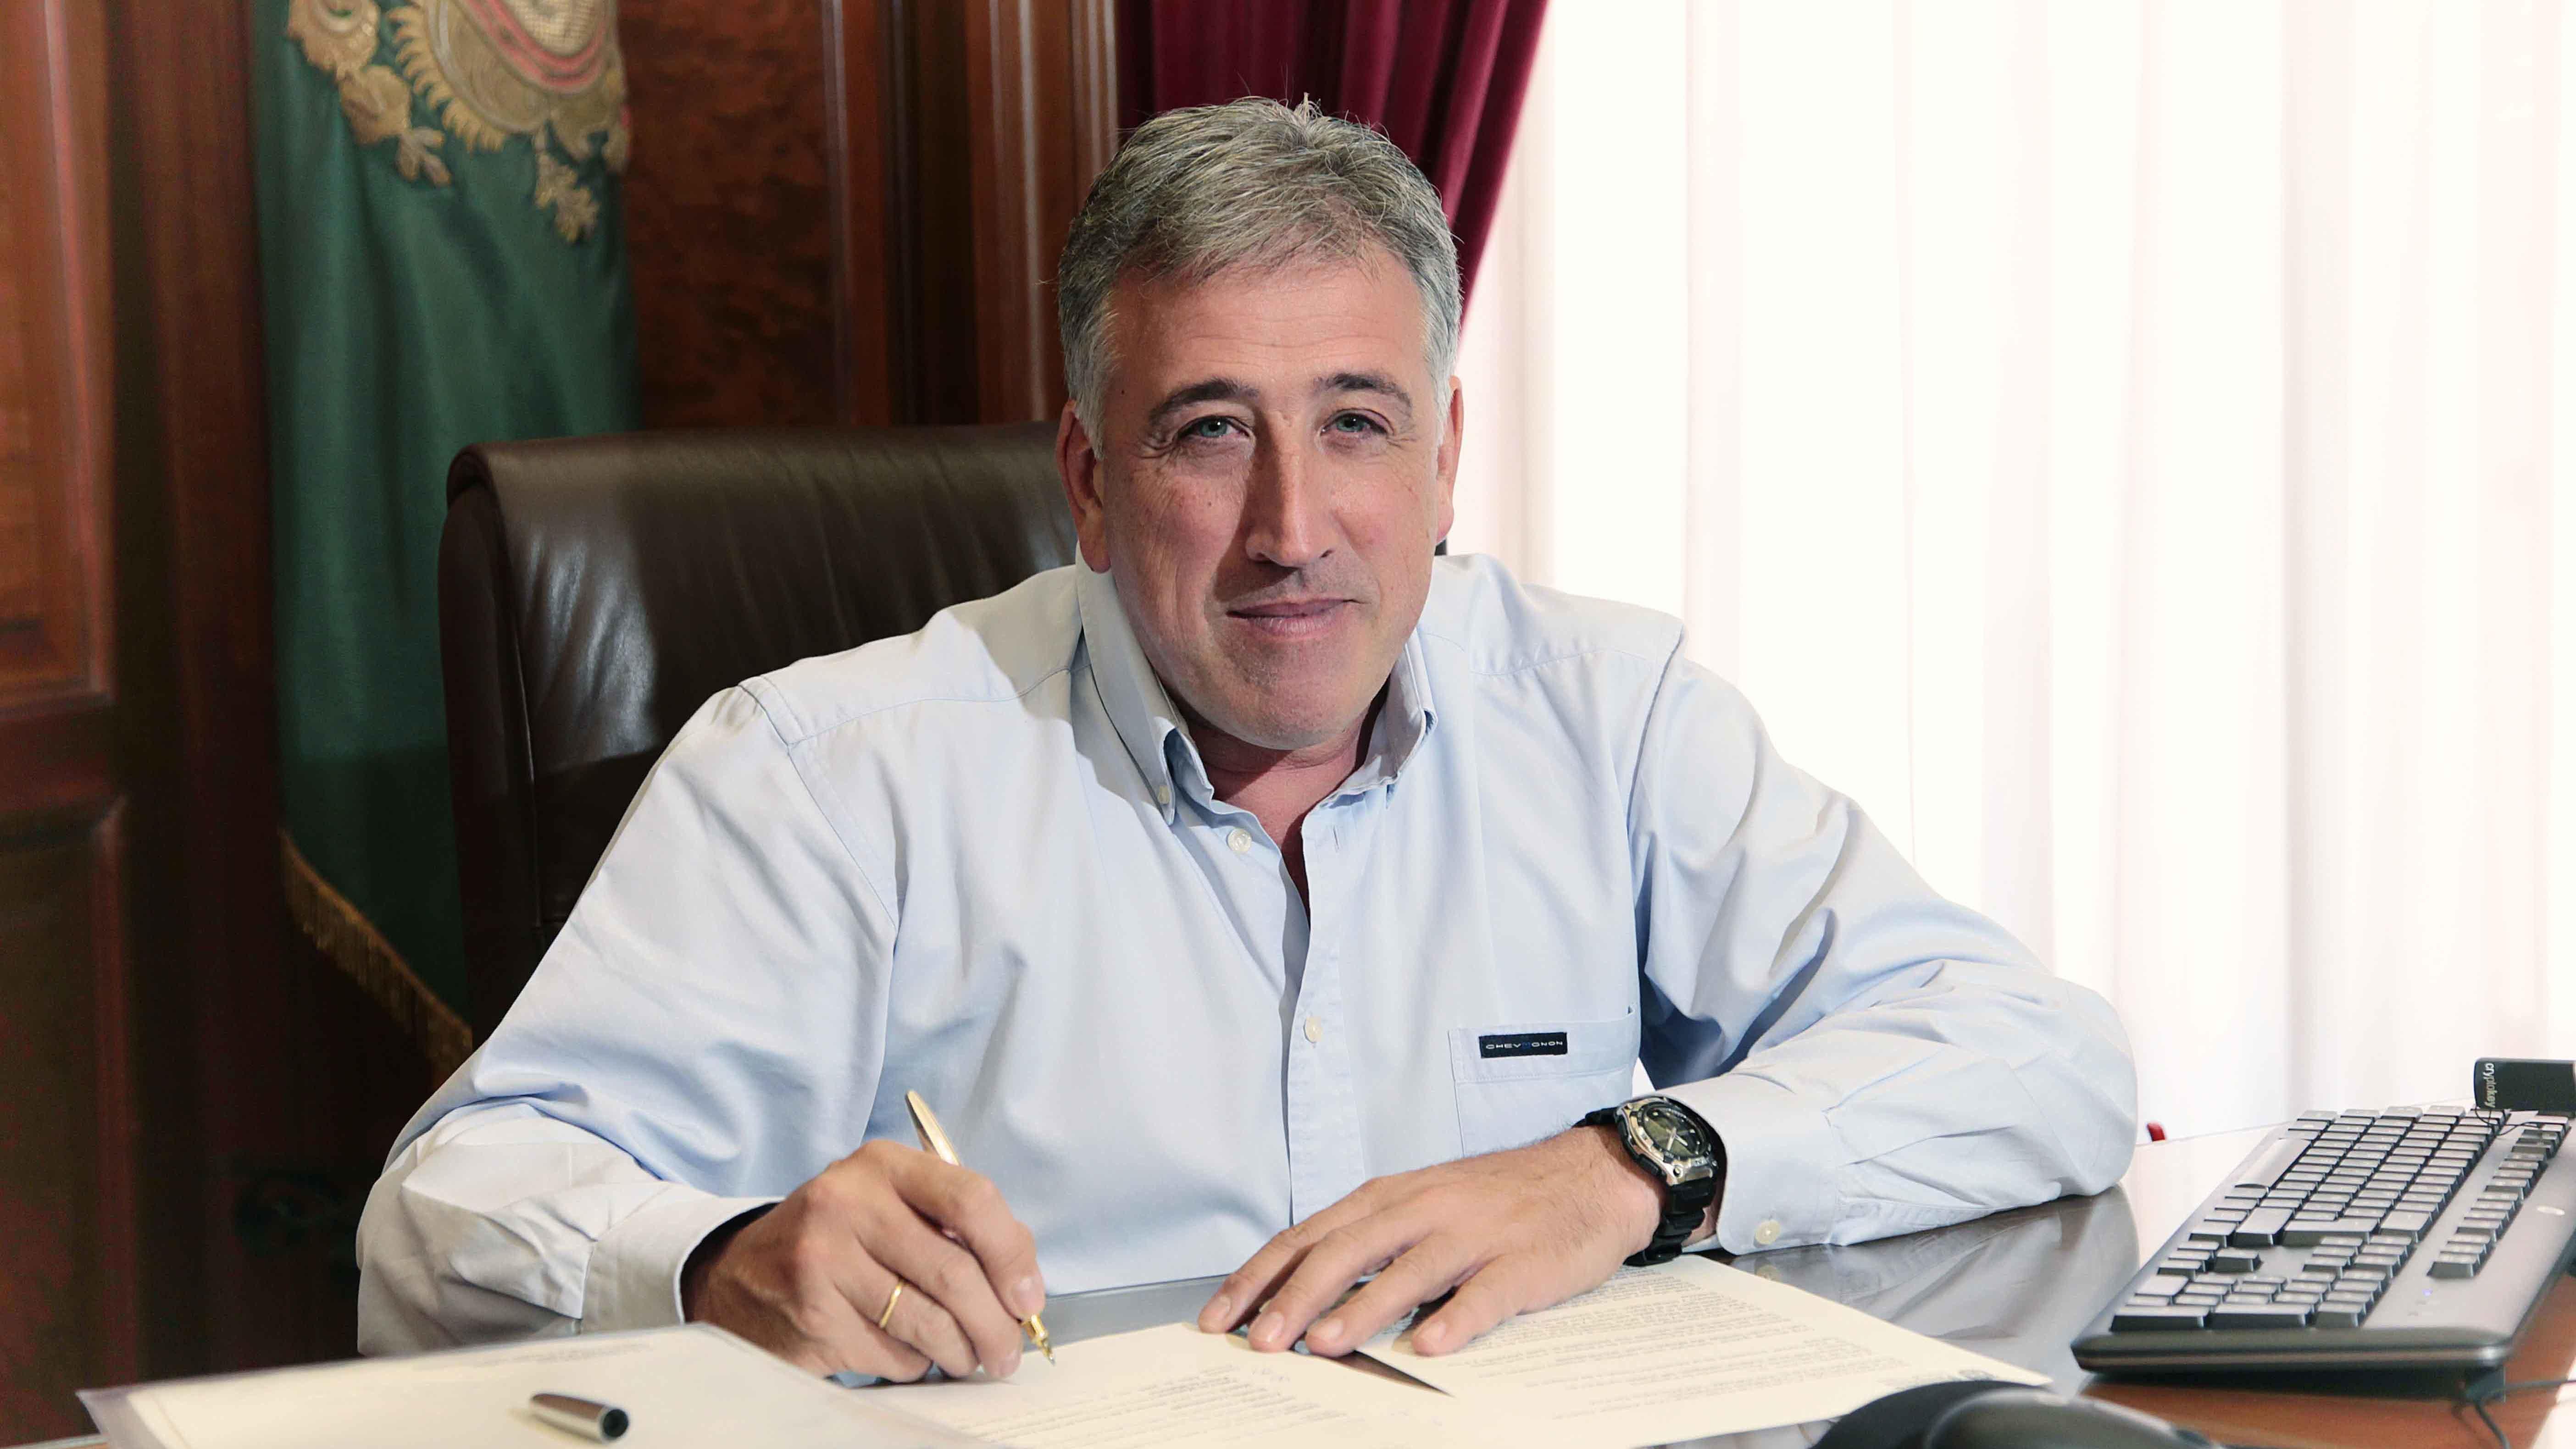 El Ayuntamiento de Pamplona, de Asirón, a la cola de los consistorios nacionales con el índice más bajo de transparencia